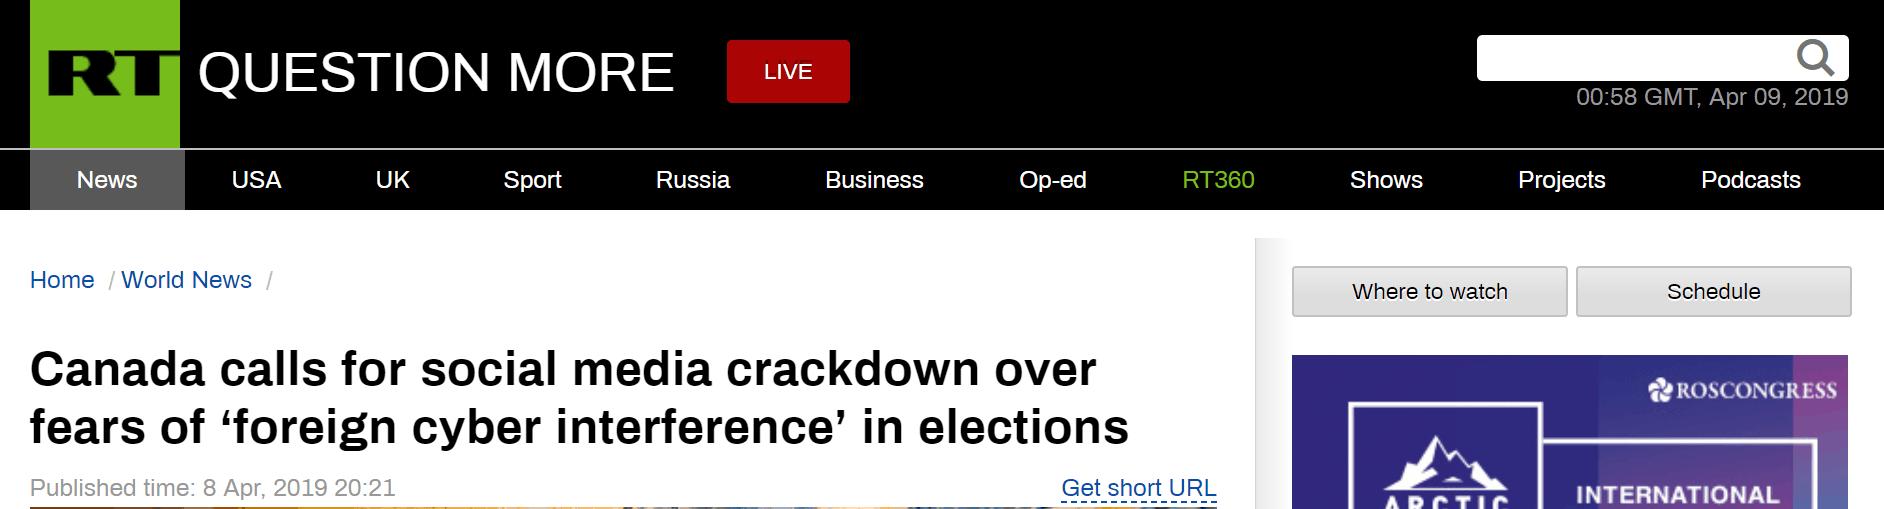 因担心外国网络干涉选举 加拿大呼吁对社交媒体进行监管